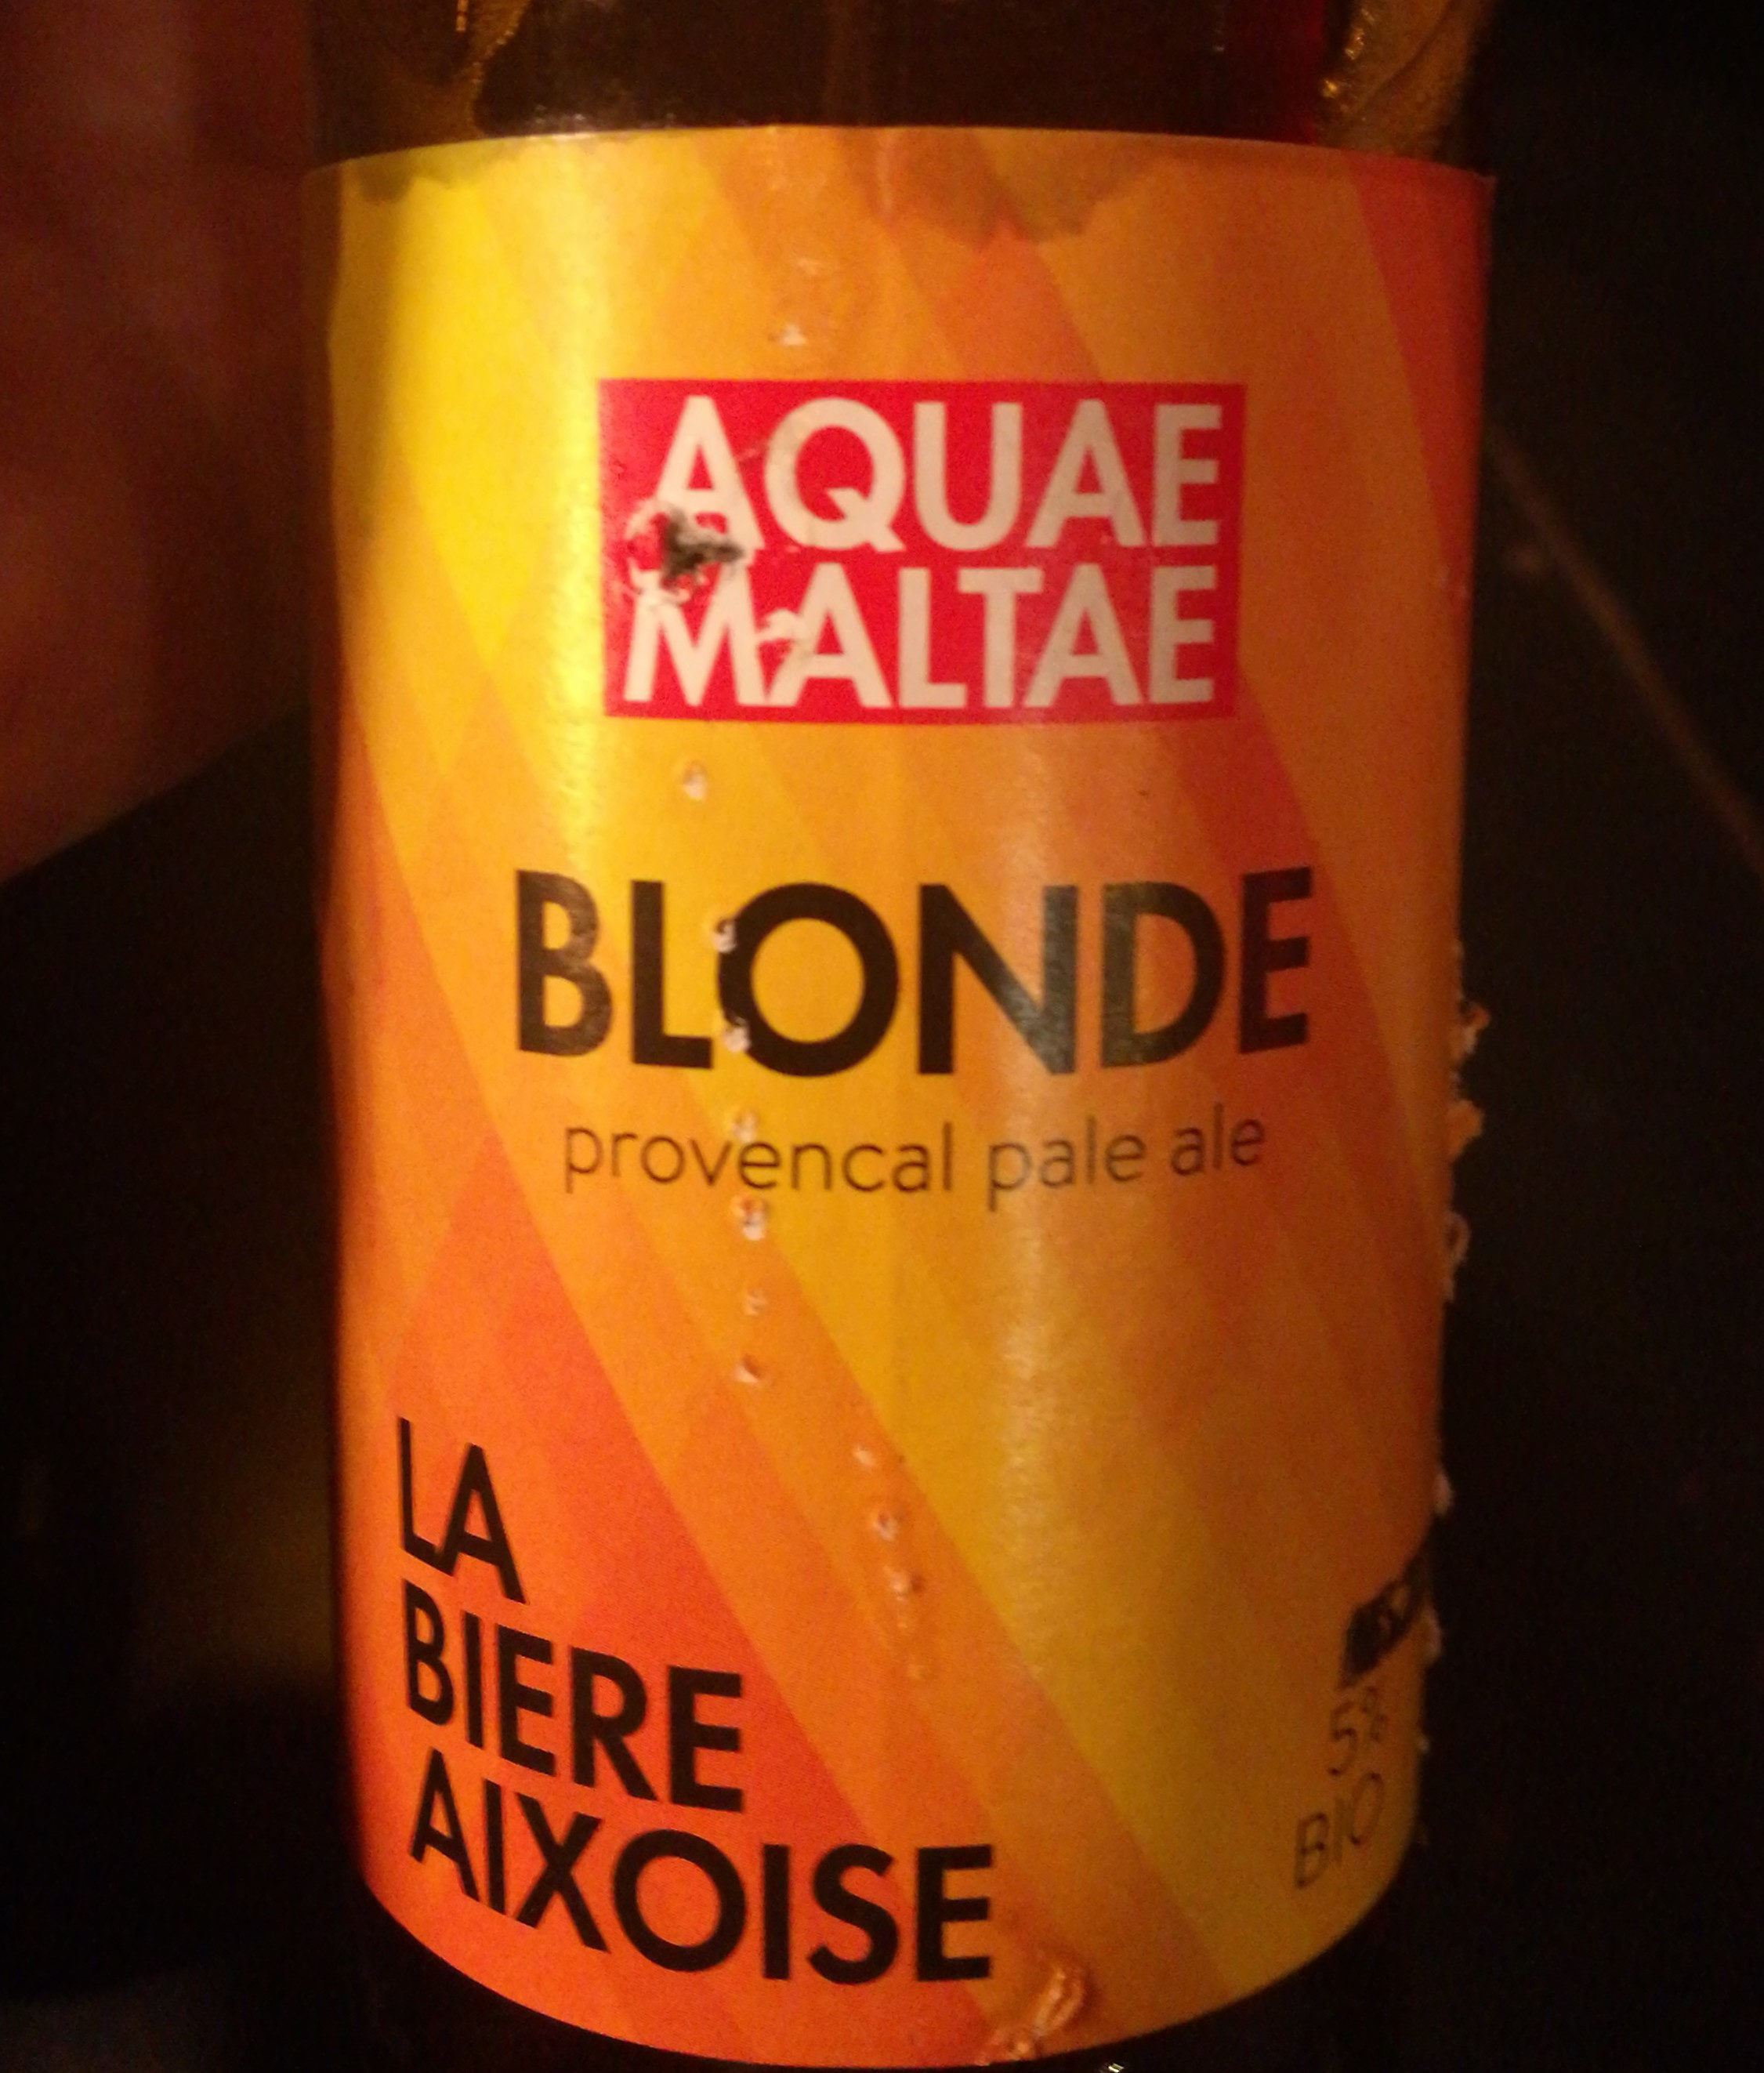 blonde, provencal pale ale - Product